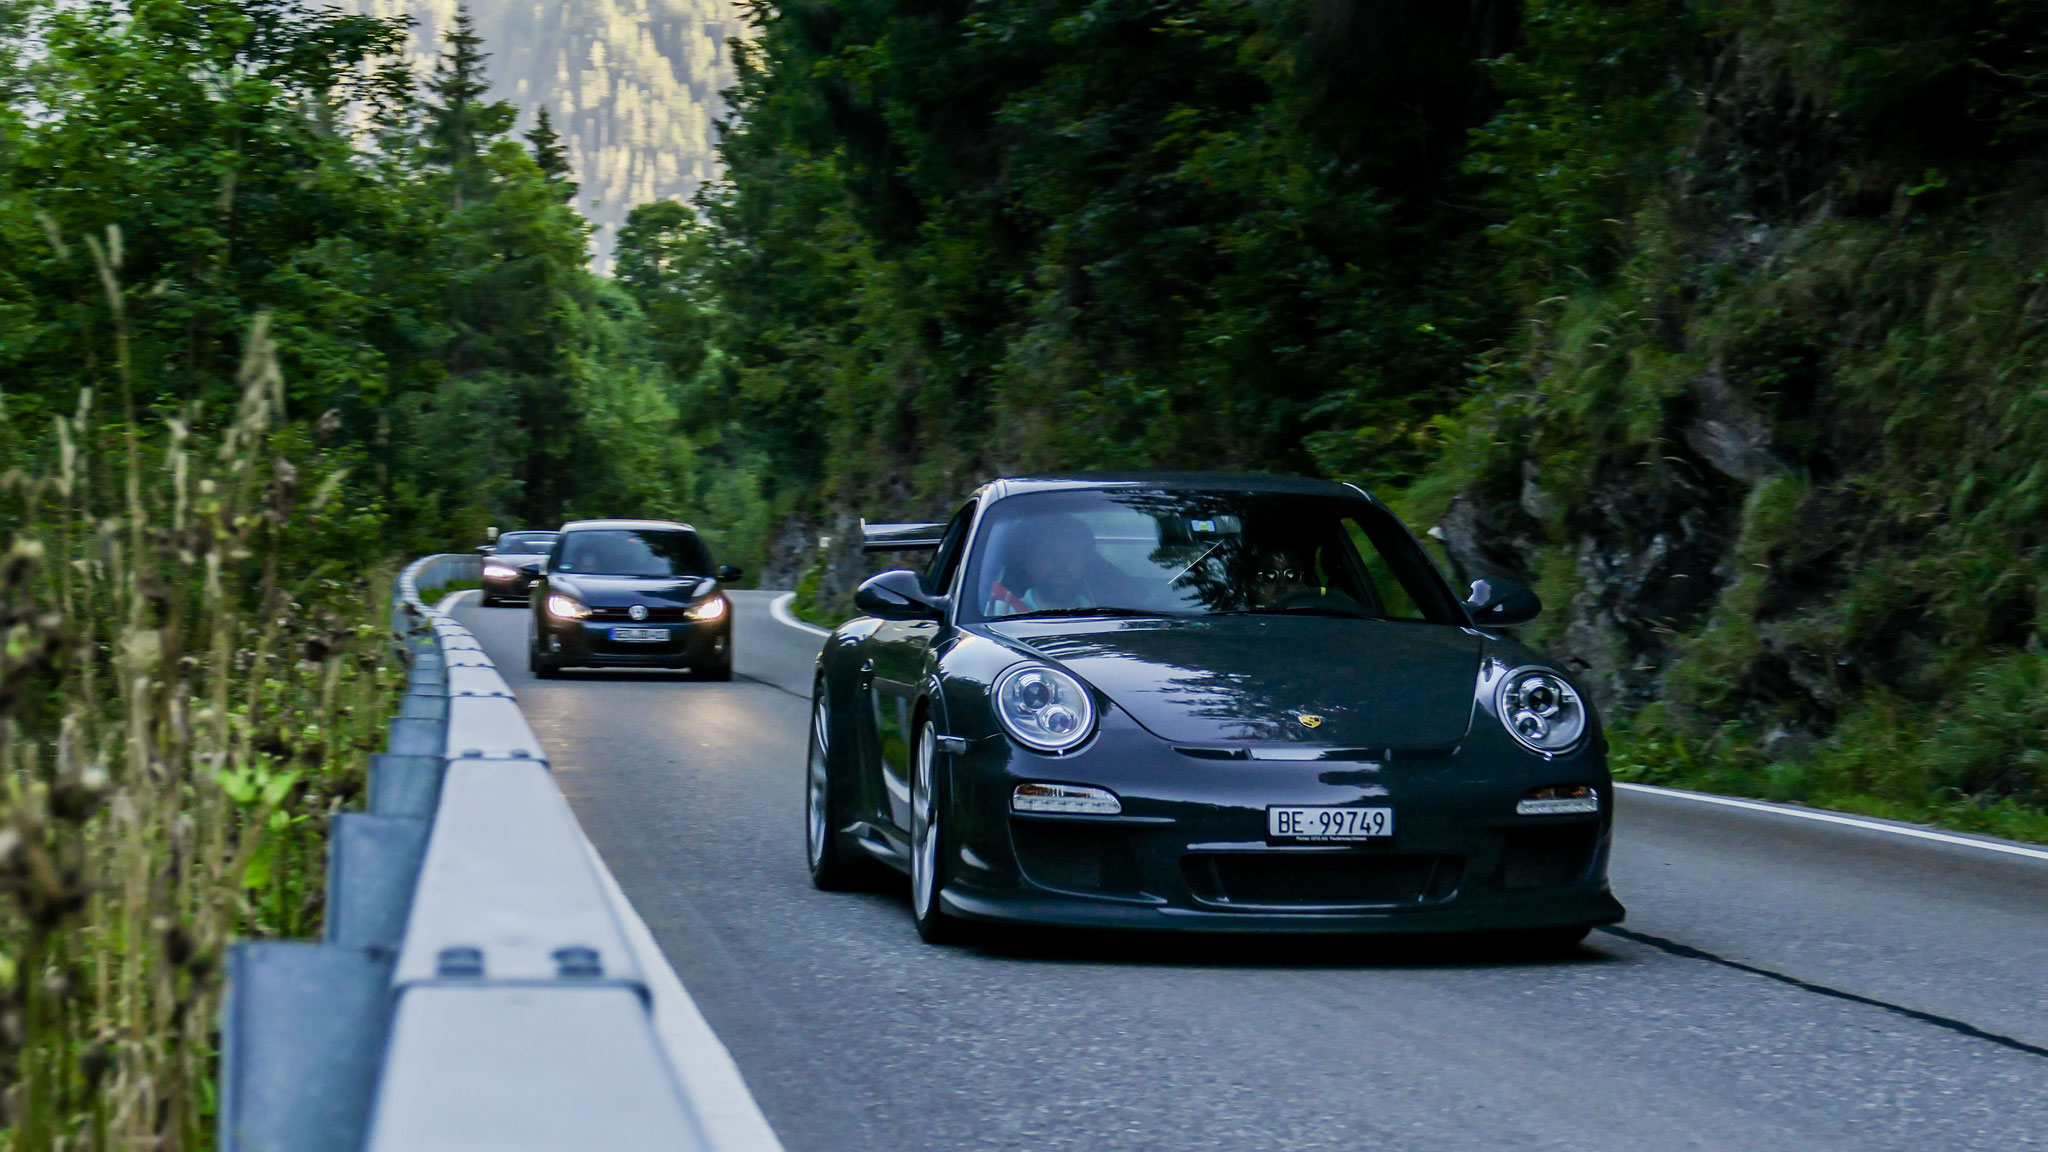 Porsche GT3 997 - BE-99749 (CH)